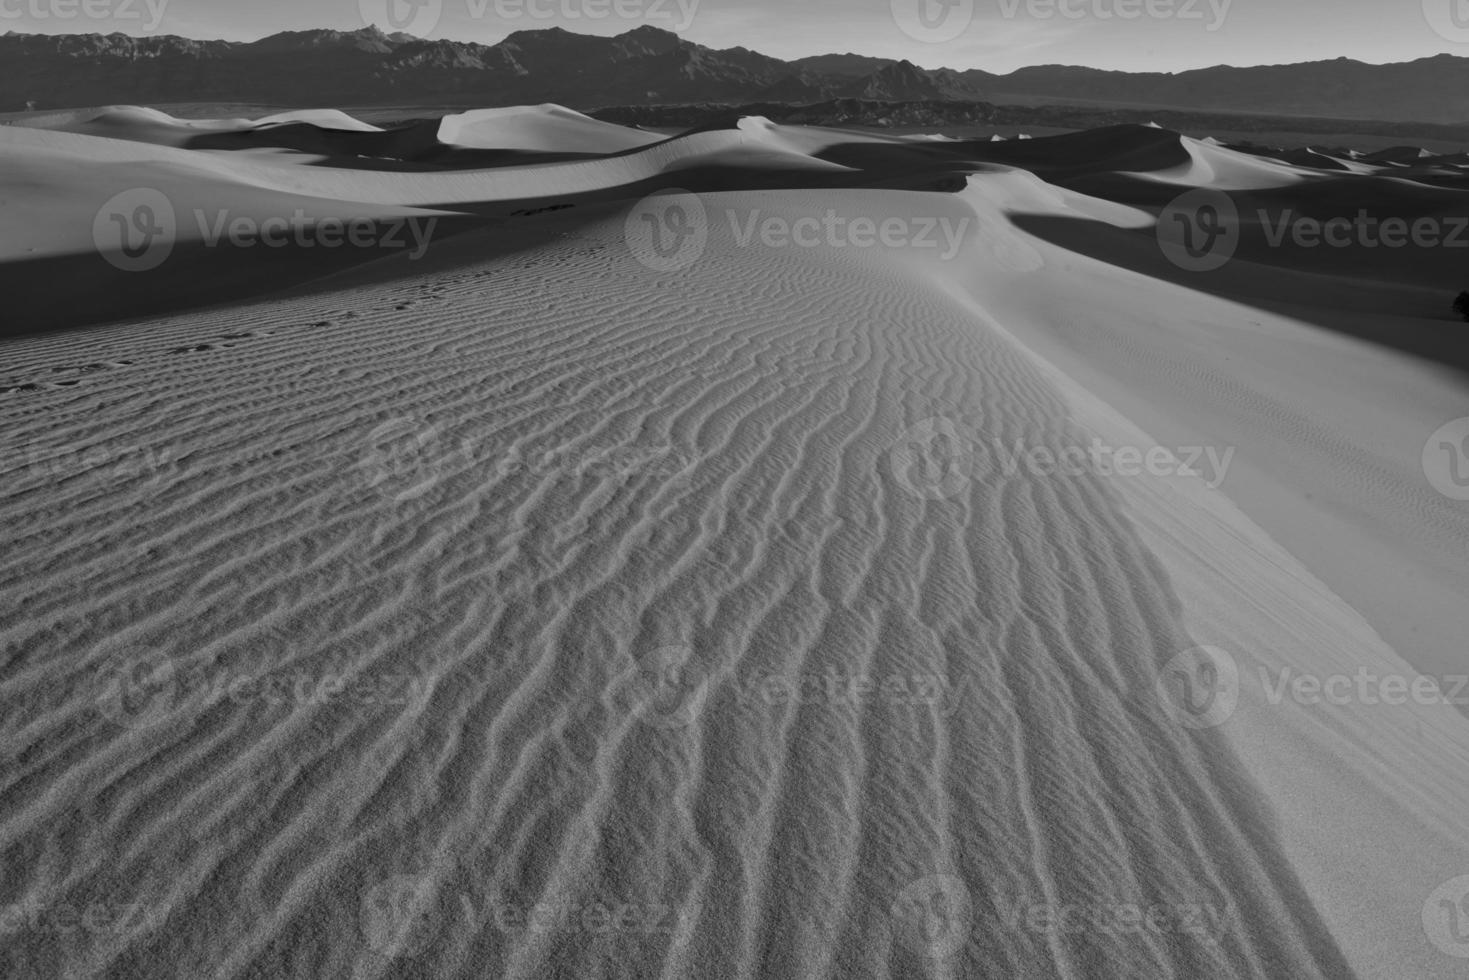 dunes de sable et montagnes dans un paysage désertique photo